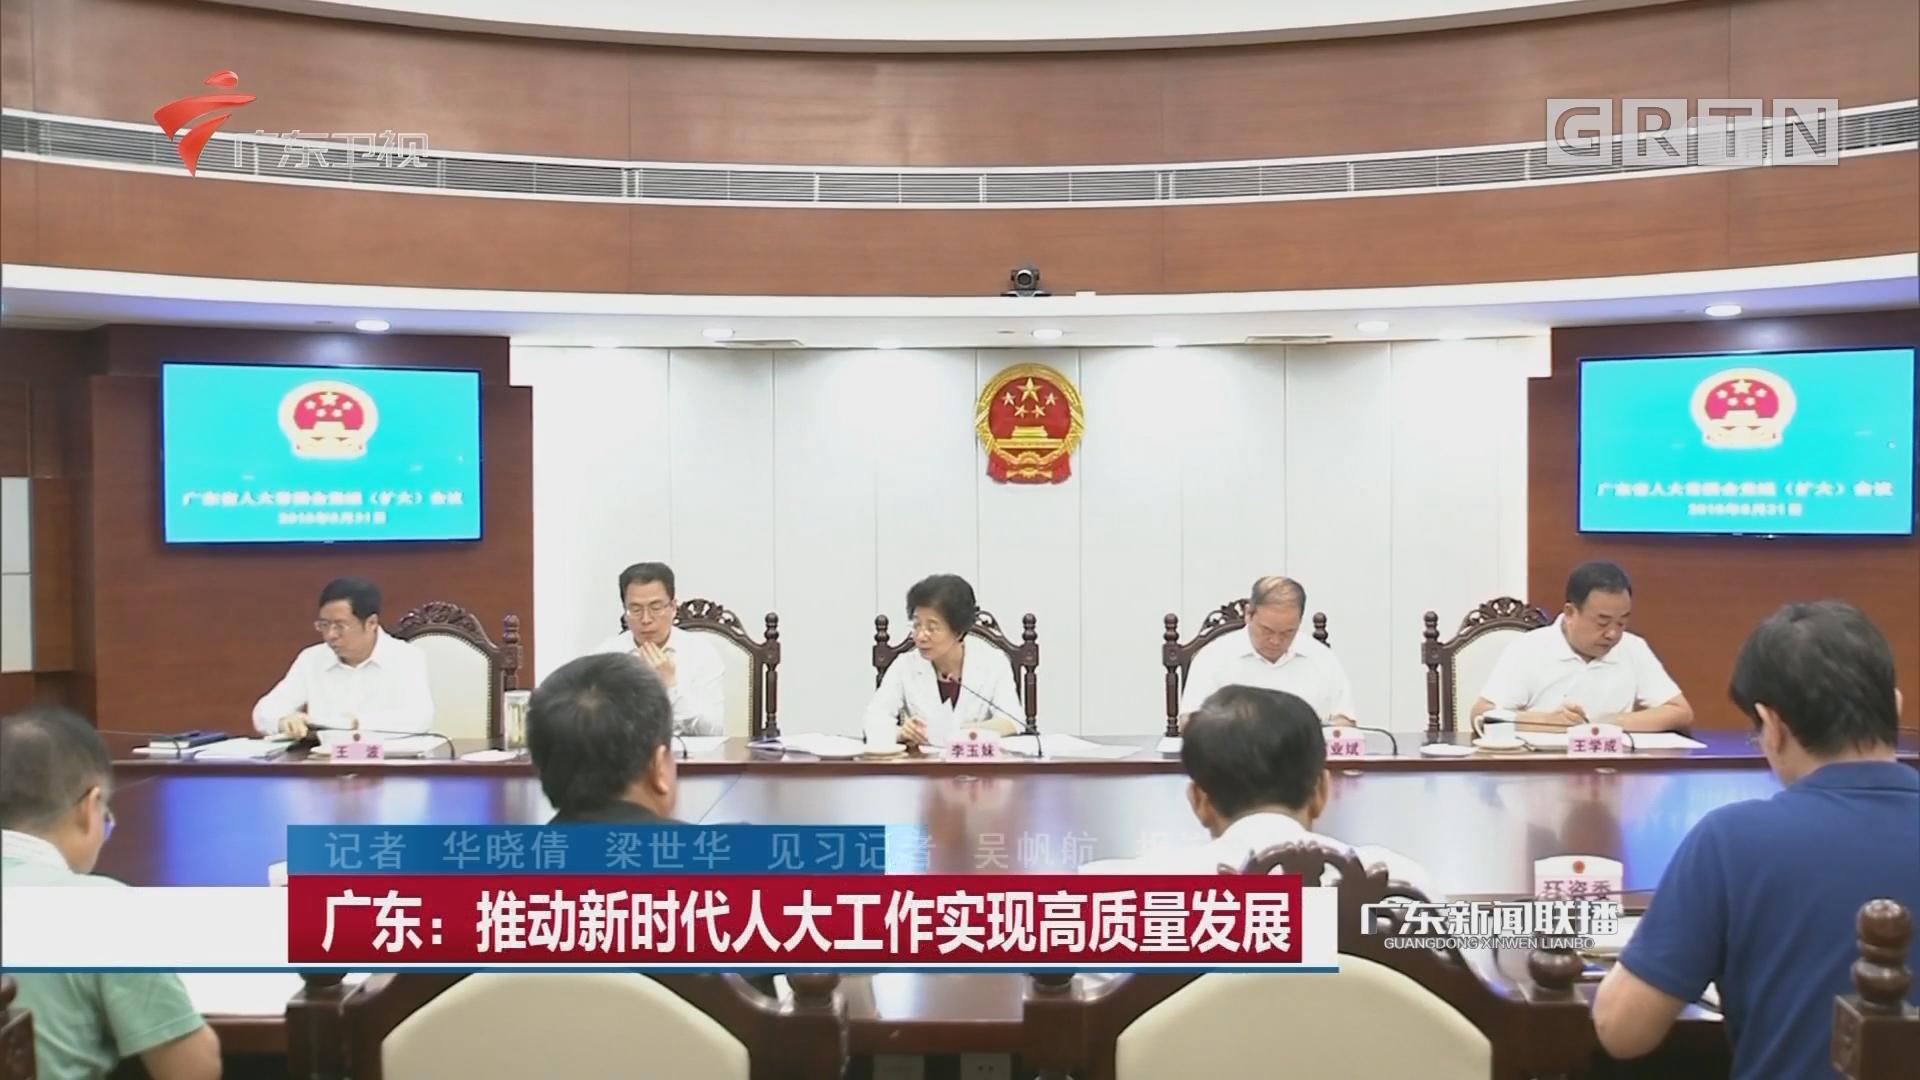 广东:推动新时代人大工作实现高质量发展